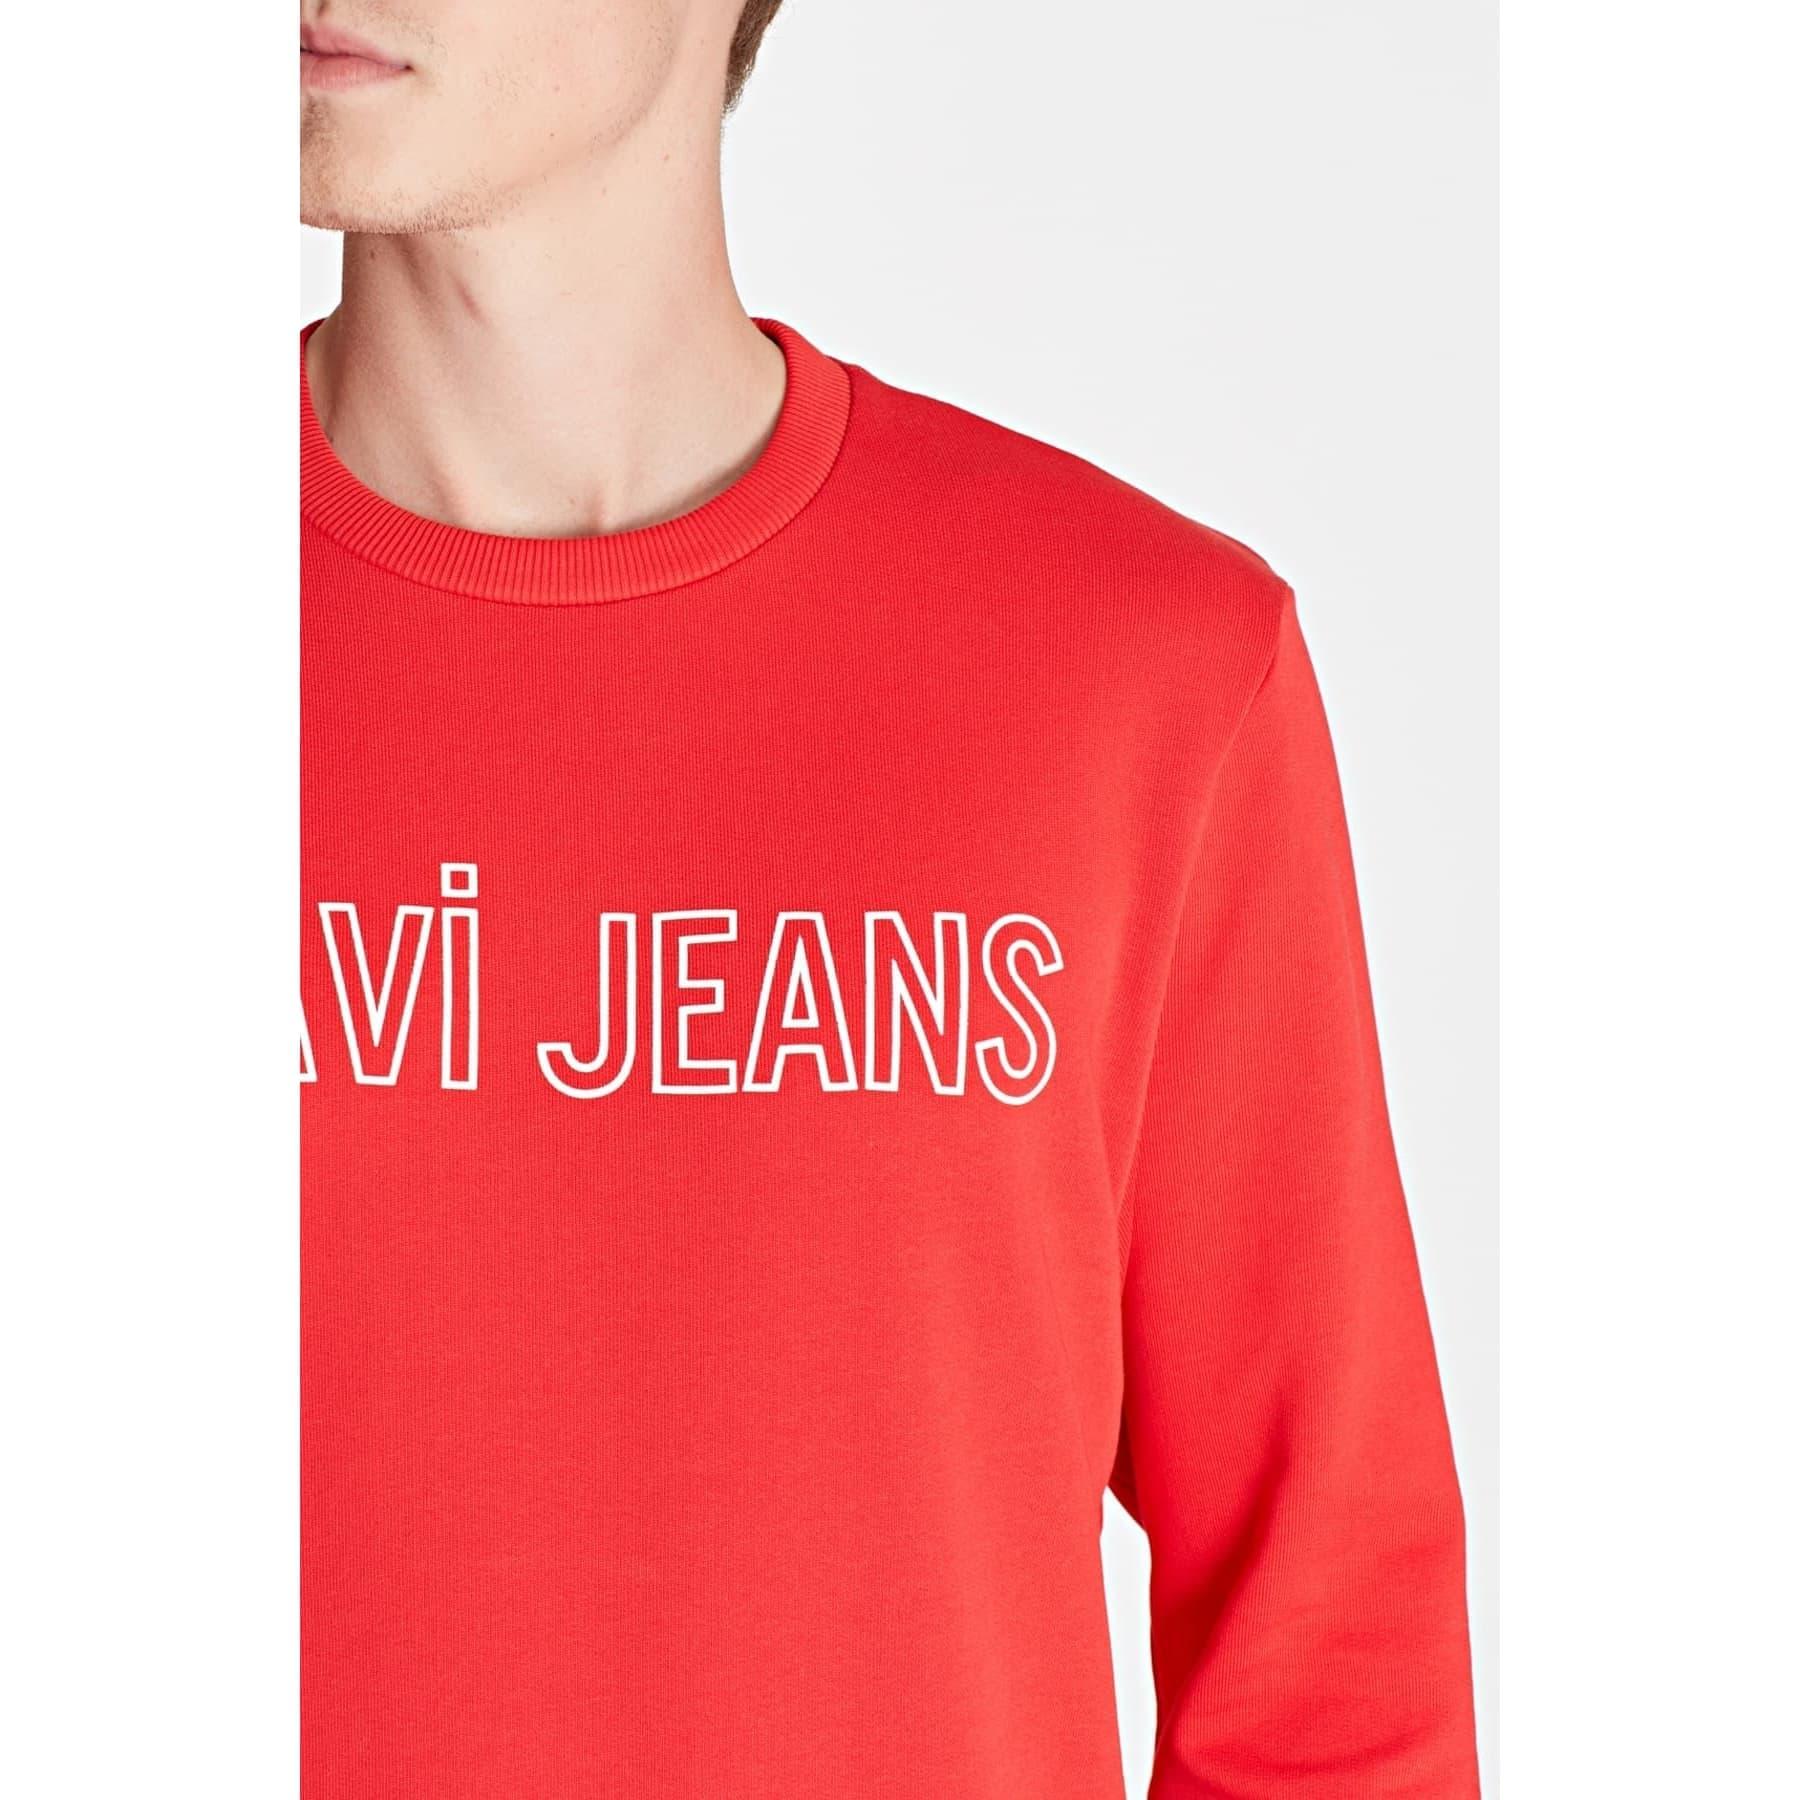 Mavi Jeans Logo Baskılı Erkek Kırmızı Sweatshirt